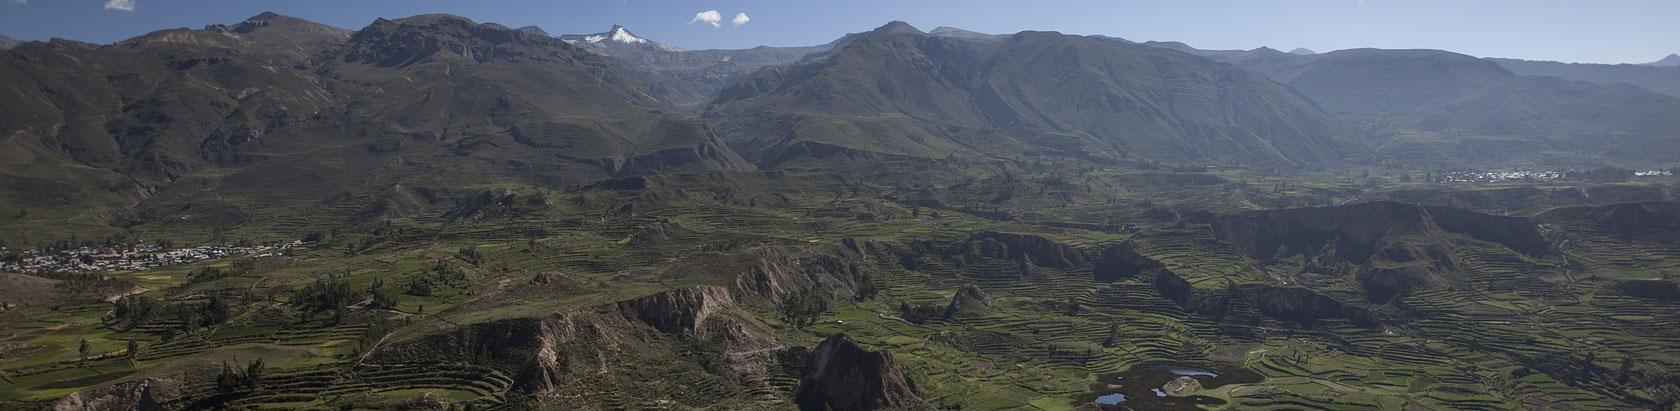 Cañón del Colca © Alex Bryce / PromPerú